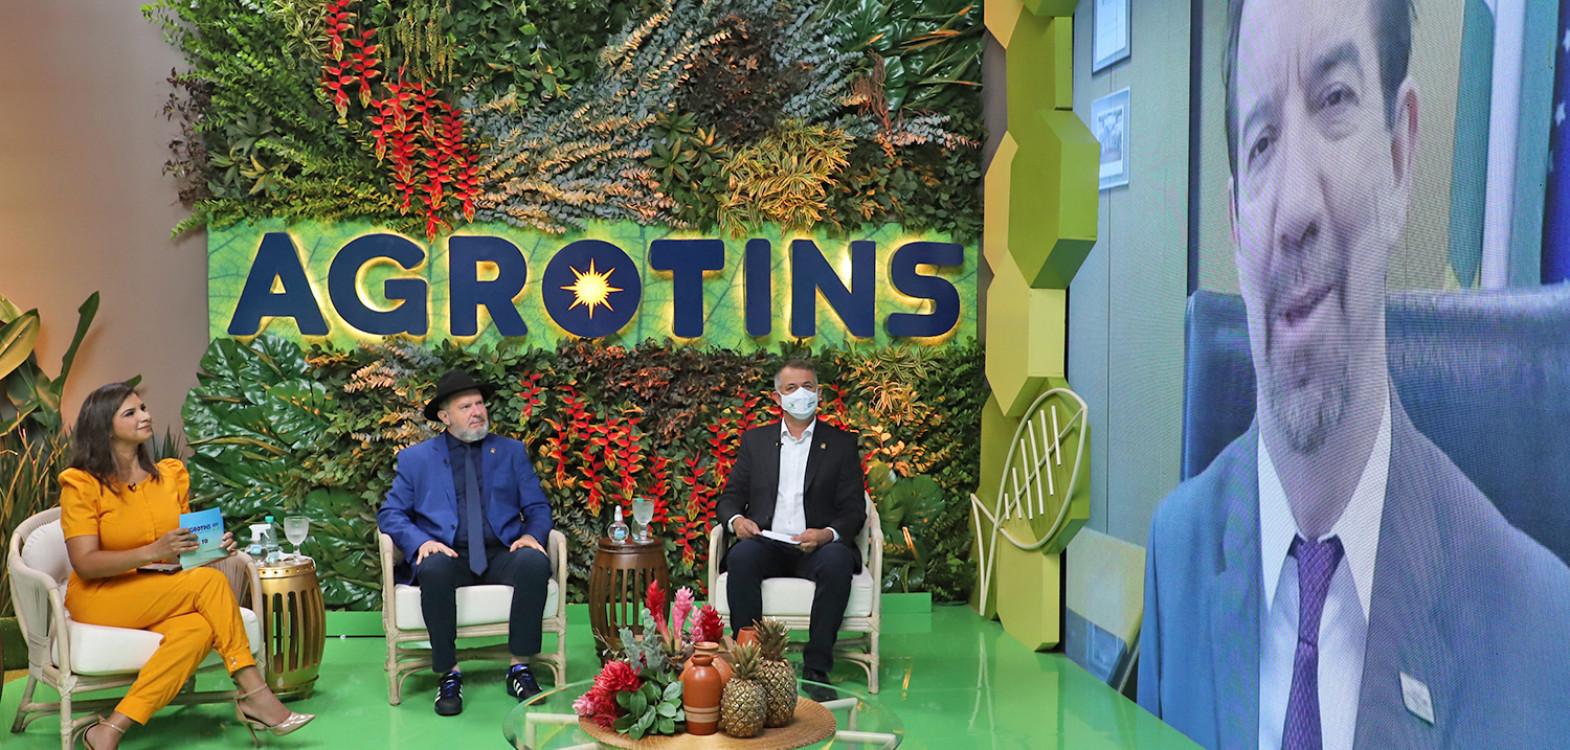 Governador destacou as potencialidades do Tocantins no setor do agronegócio e contribuições do setor para o desenvolvimento e crescimento do Estado